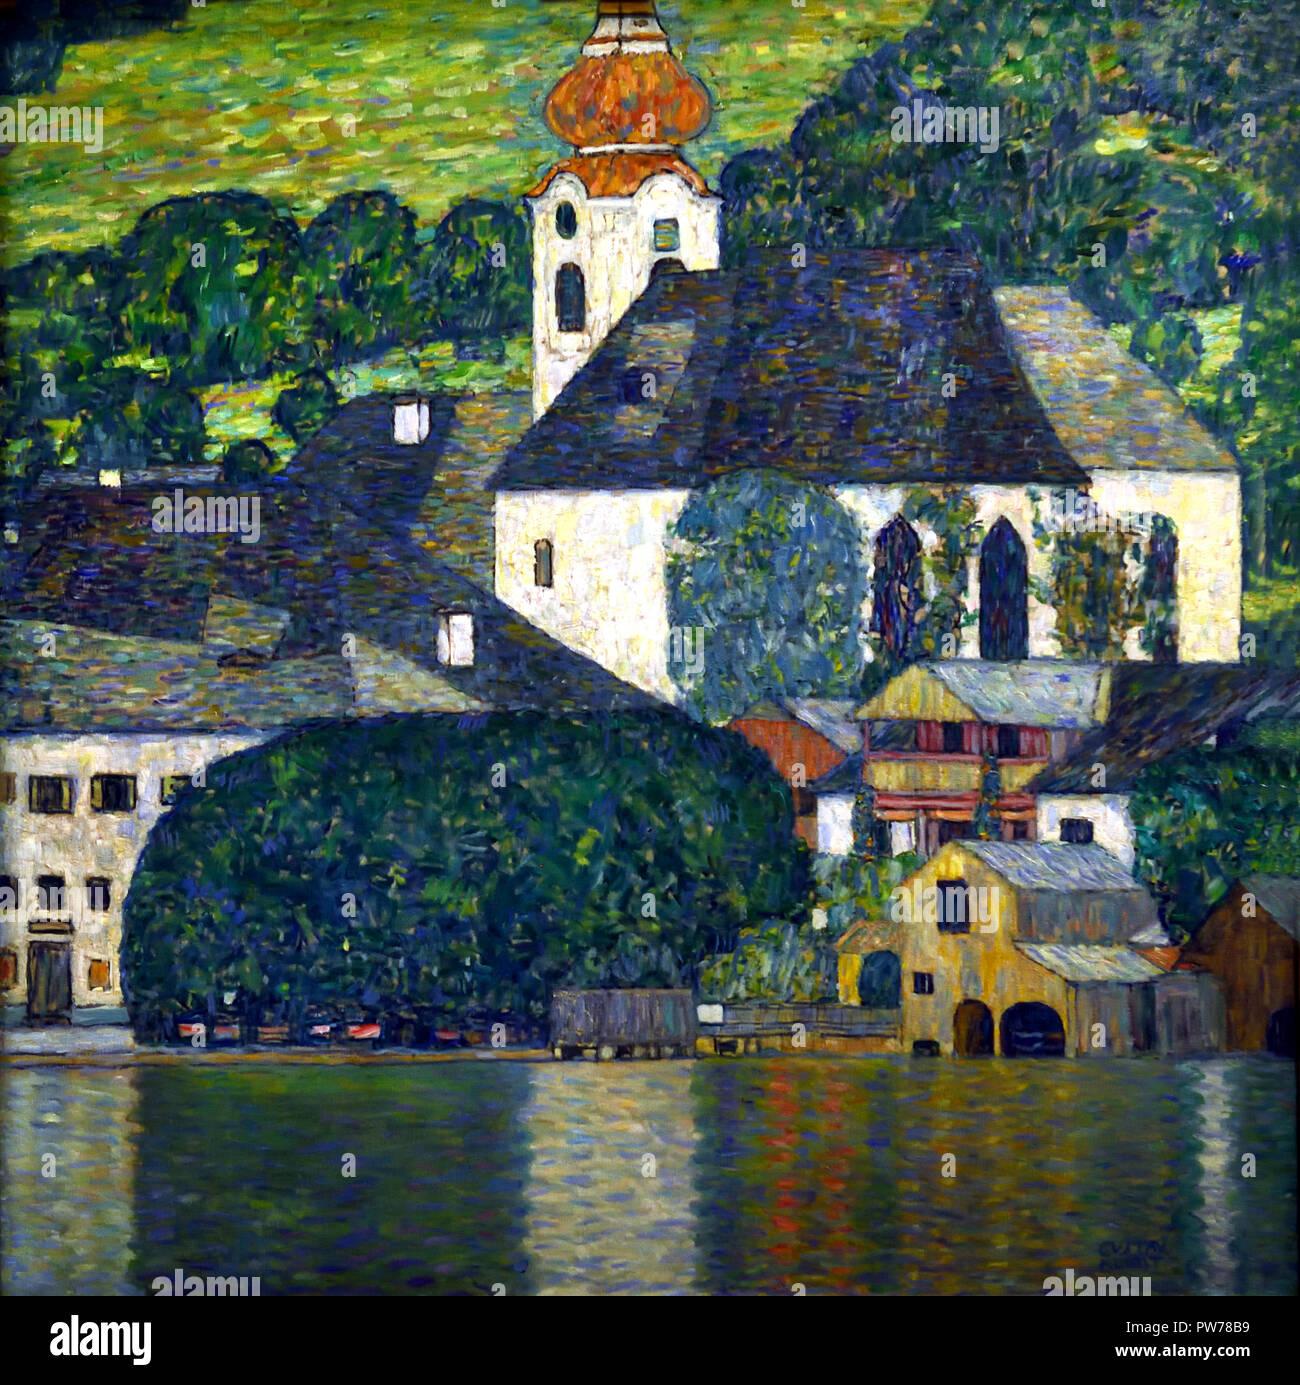 Chiesa in Unterach am Attersee 1916 da Gustav Klimt 1862 - 1918 austriaco pittore simbolista del movimento della Secessione Viennese Austria Foto Stock